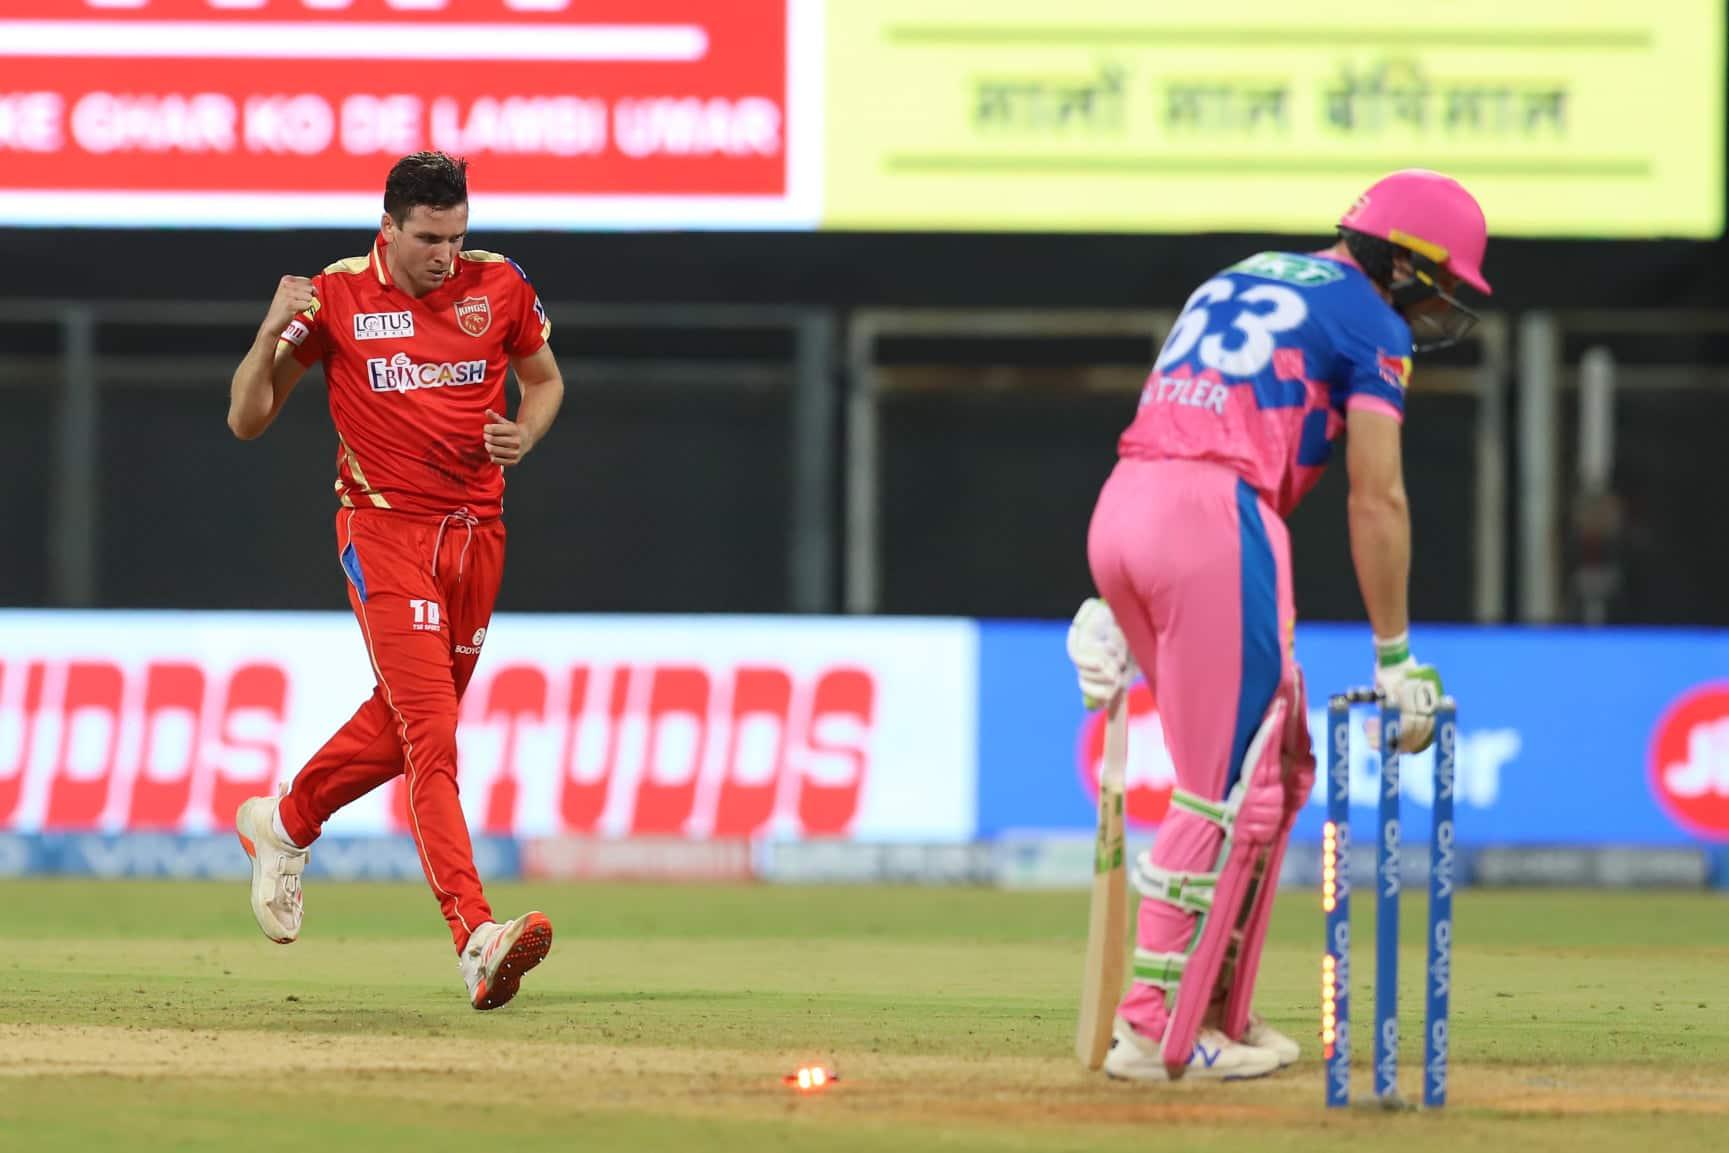 Australian paceman Jhye Richardson of Punjab Kings celebrates after dismissing Rajasthan Royals' Jos Buttler in Mumbai. (Photo: IPL)